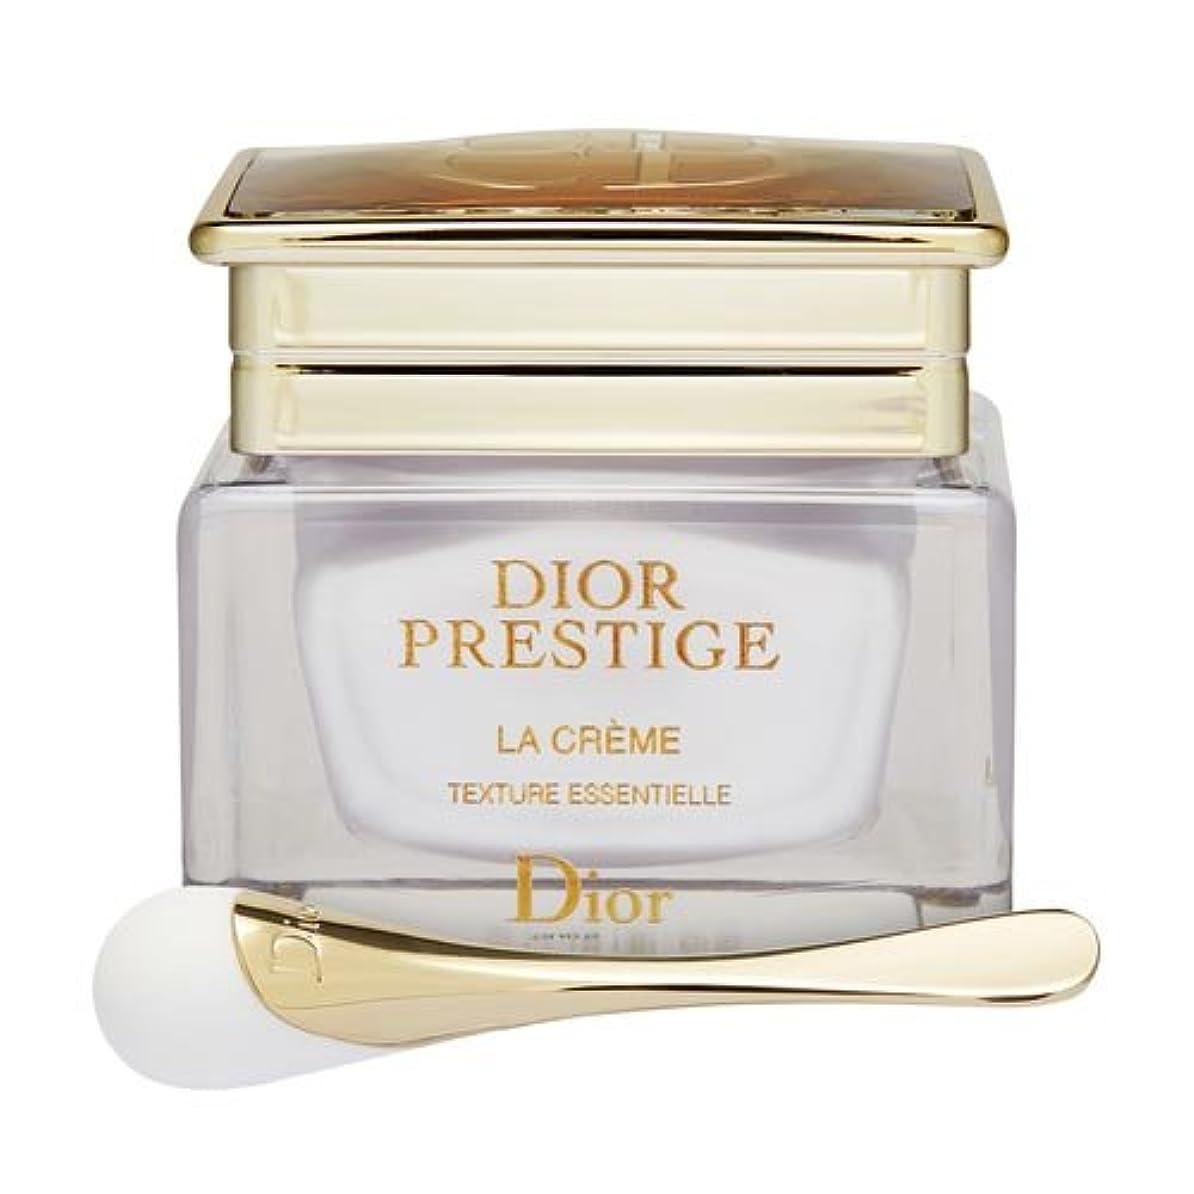 大腿津波ペンスディオール(Dior) プレステージ ラ クレーム 50ml[並行輸入品]